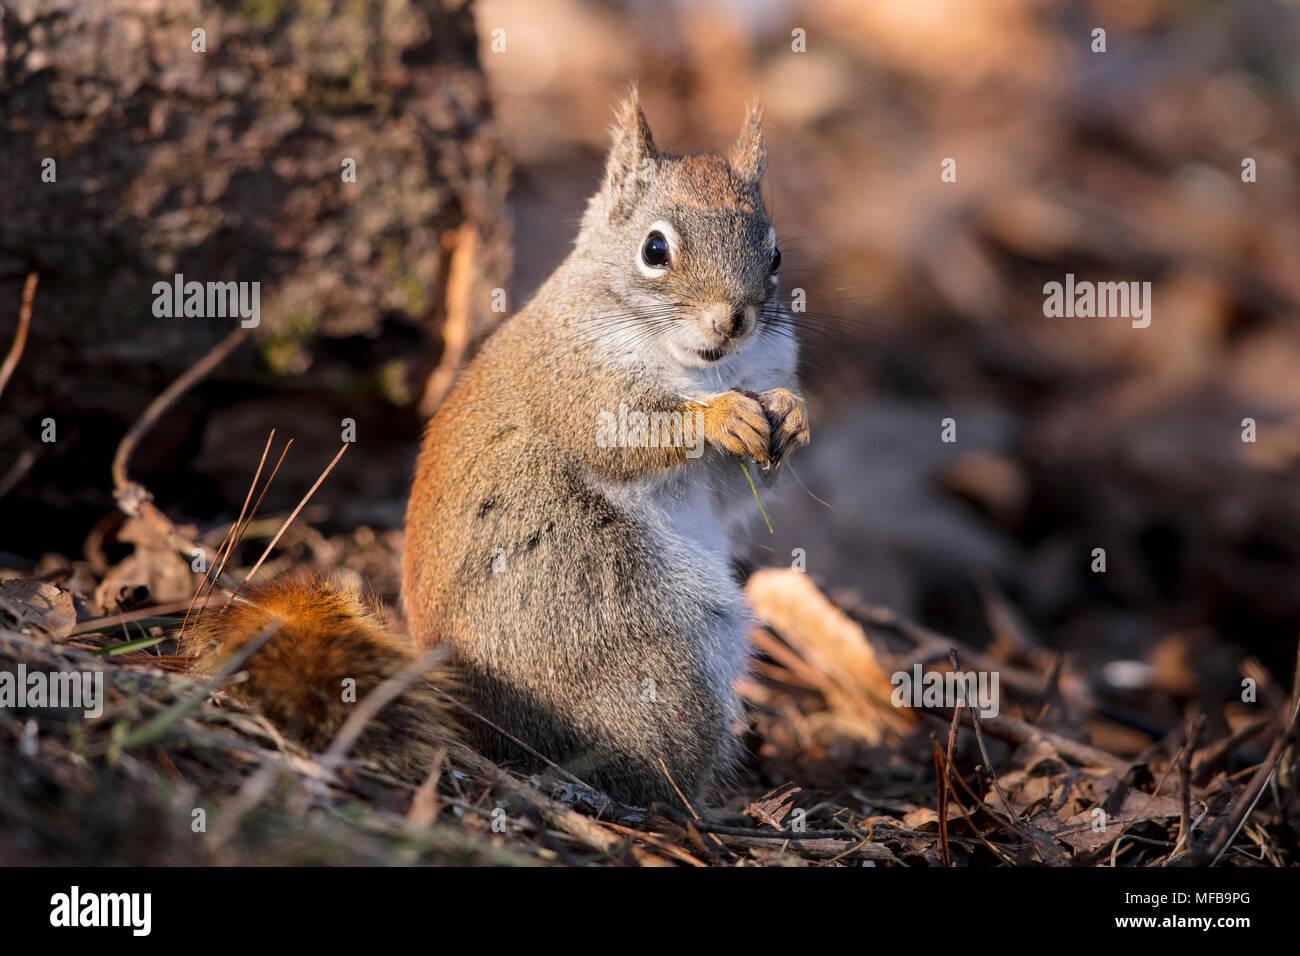 MAYNOOTH, Ontario, Canada - 23 Aprile 2018: uno scoiattolo rosso (Tamiasciurus hudsonicus), parte della famiglia Sciuridae foraggi per il cibo. ( Ryan Carter ) Immagini Stock